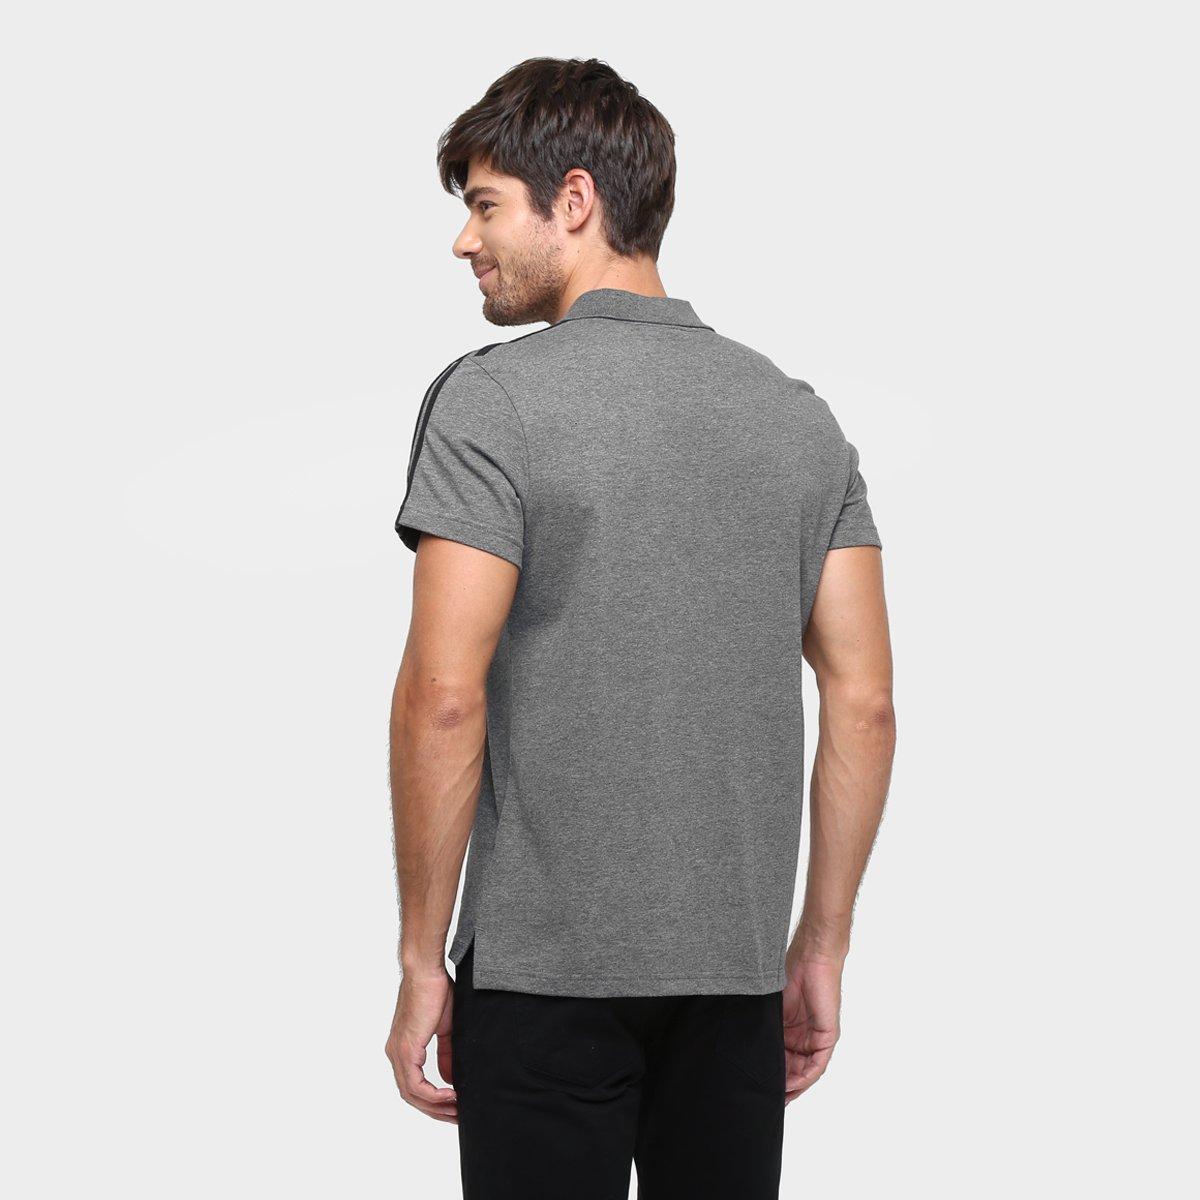 Camisa Polo Adidas Alemanha 3S - Compre Agora  bce82bca0d11a